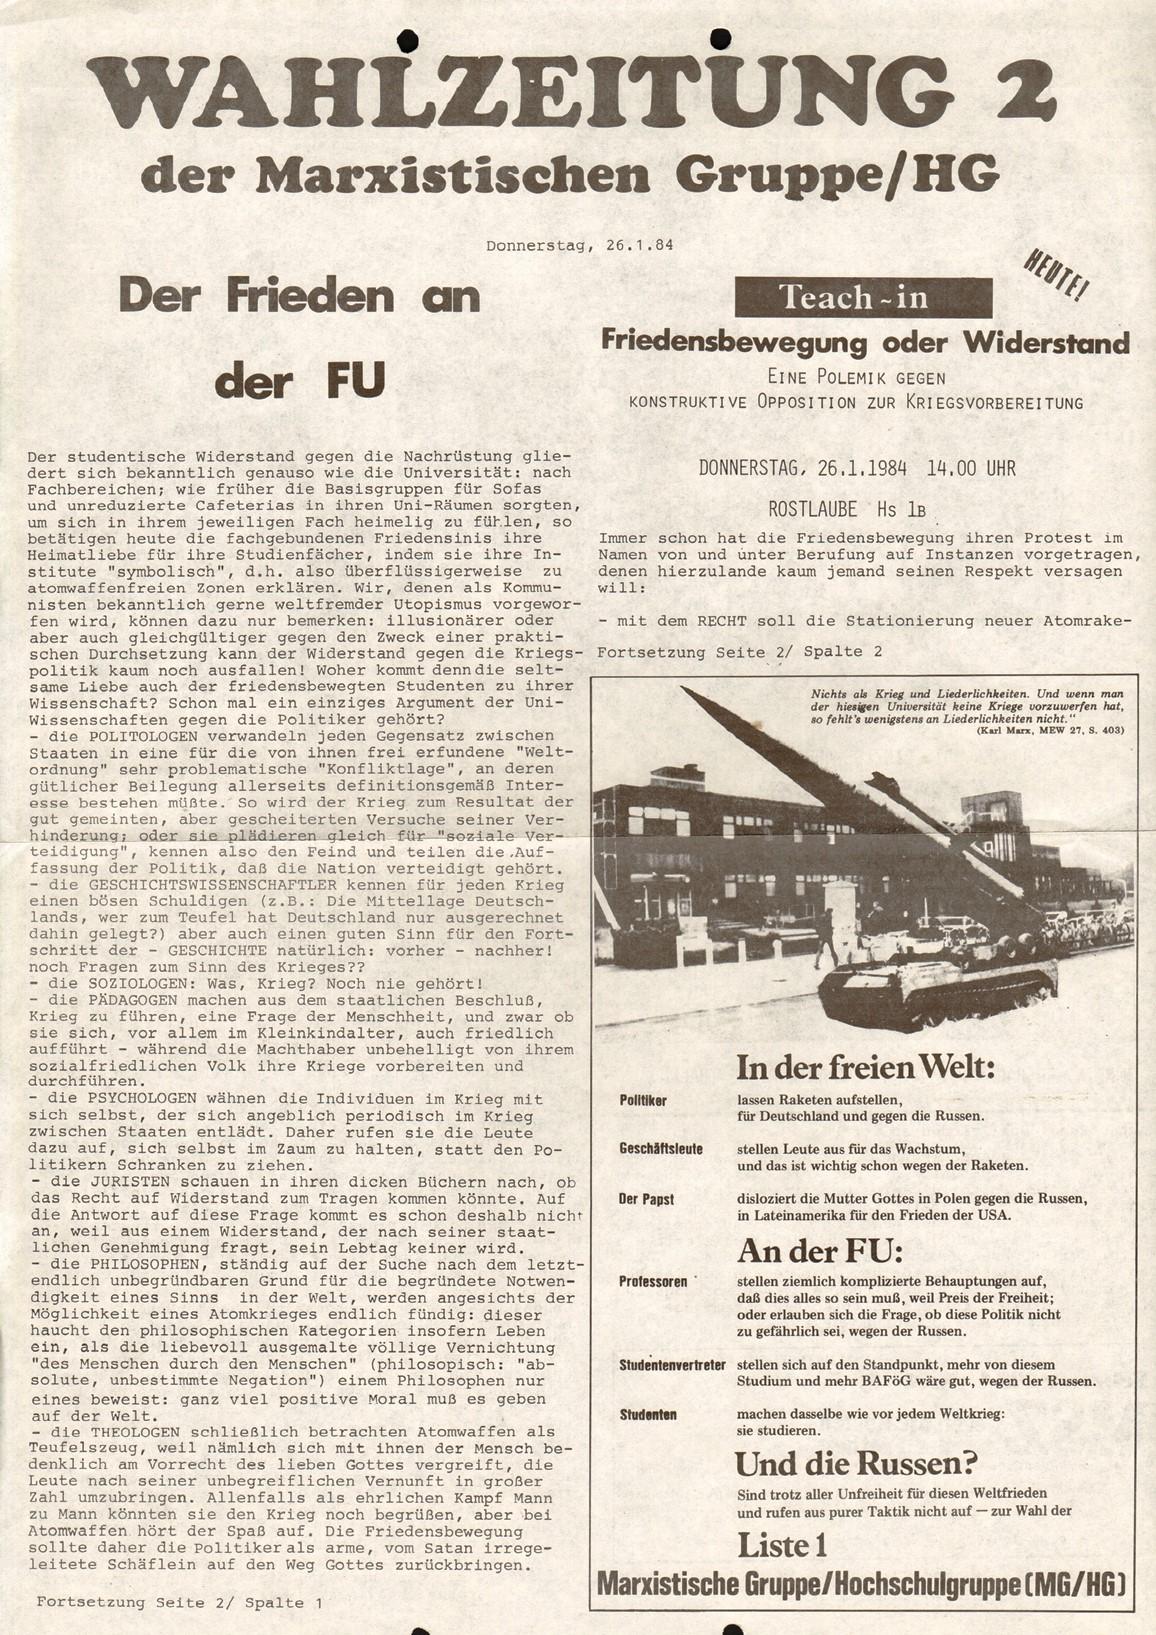 Berlin_MG_Hochschulgruppe_19840126_01